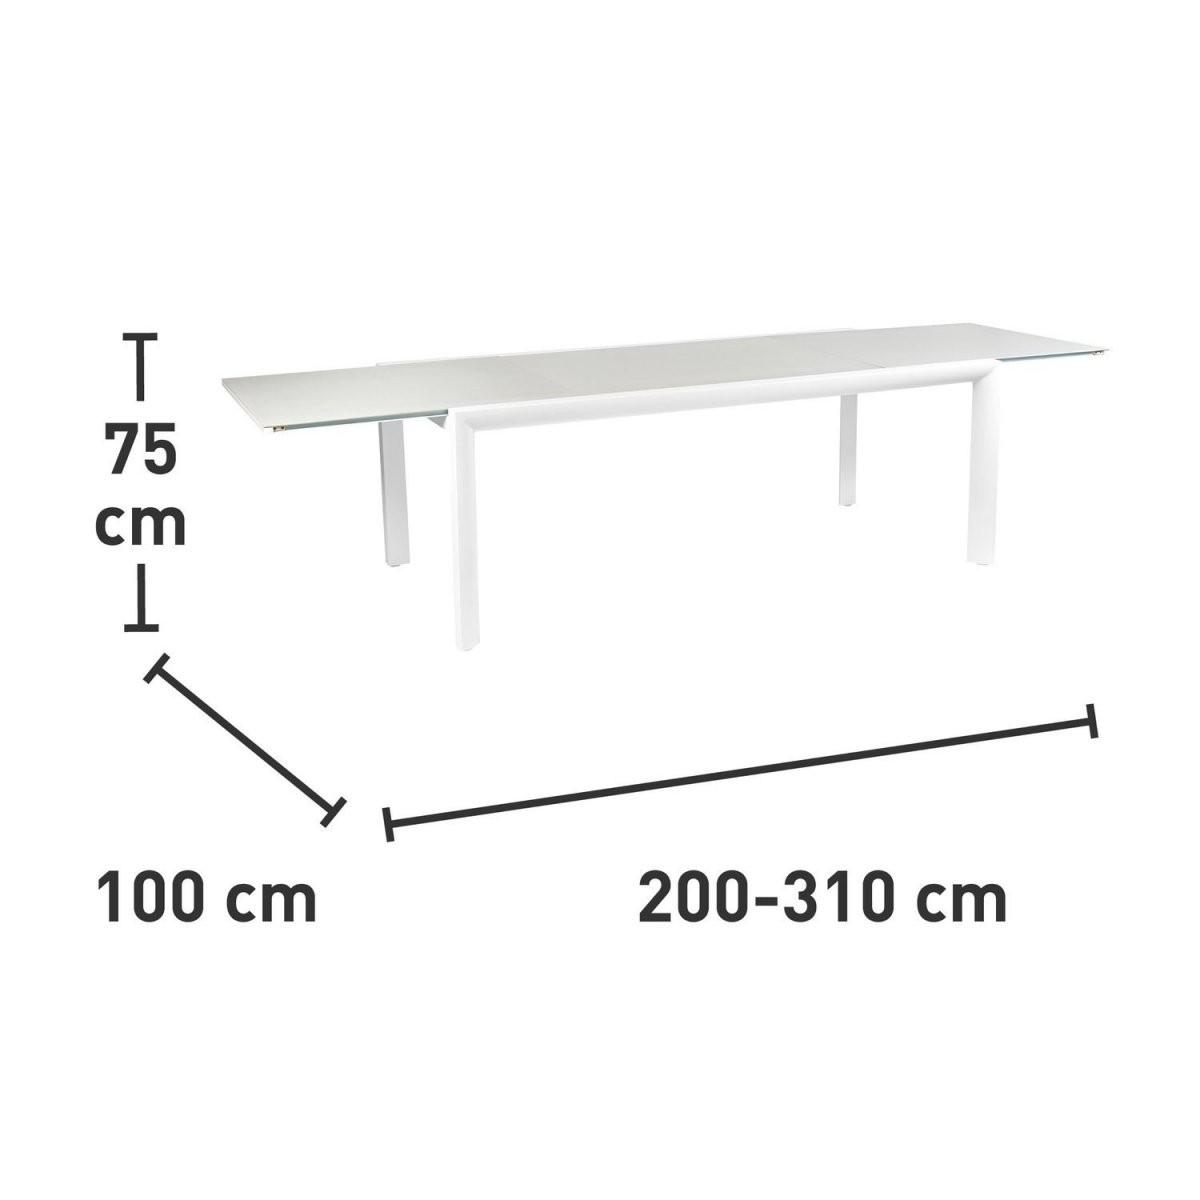 Gartentisch Abdeckung 200 X 100 Für Konzept Gartentisch 200 X 100 von Gartentisch Abdeckung 200 X 100 Bild